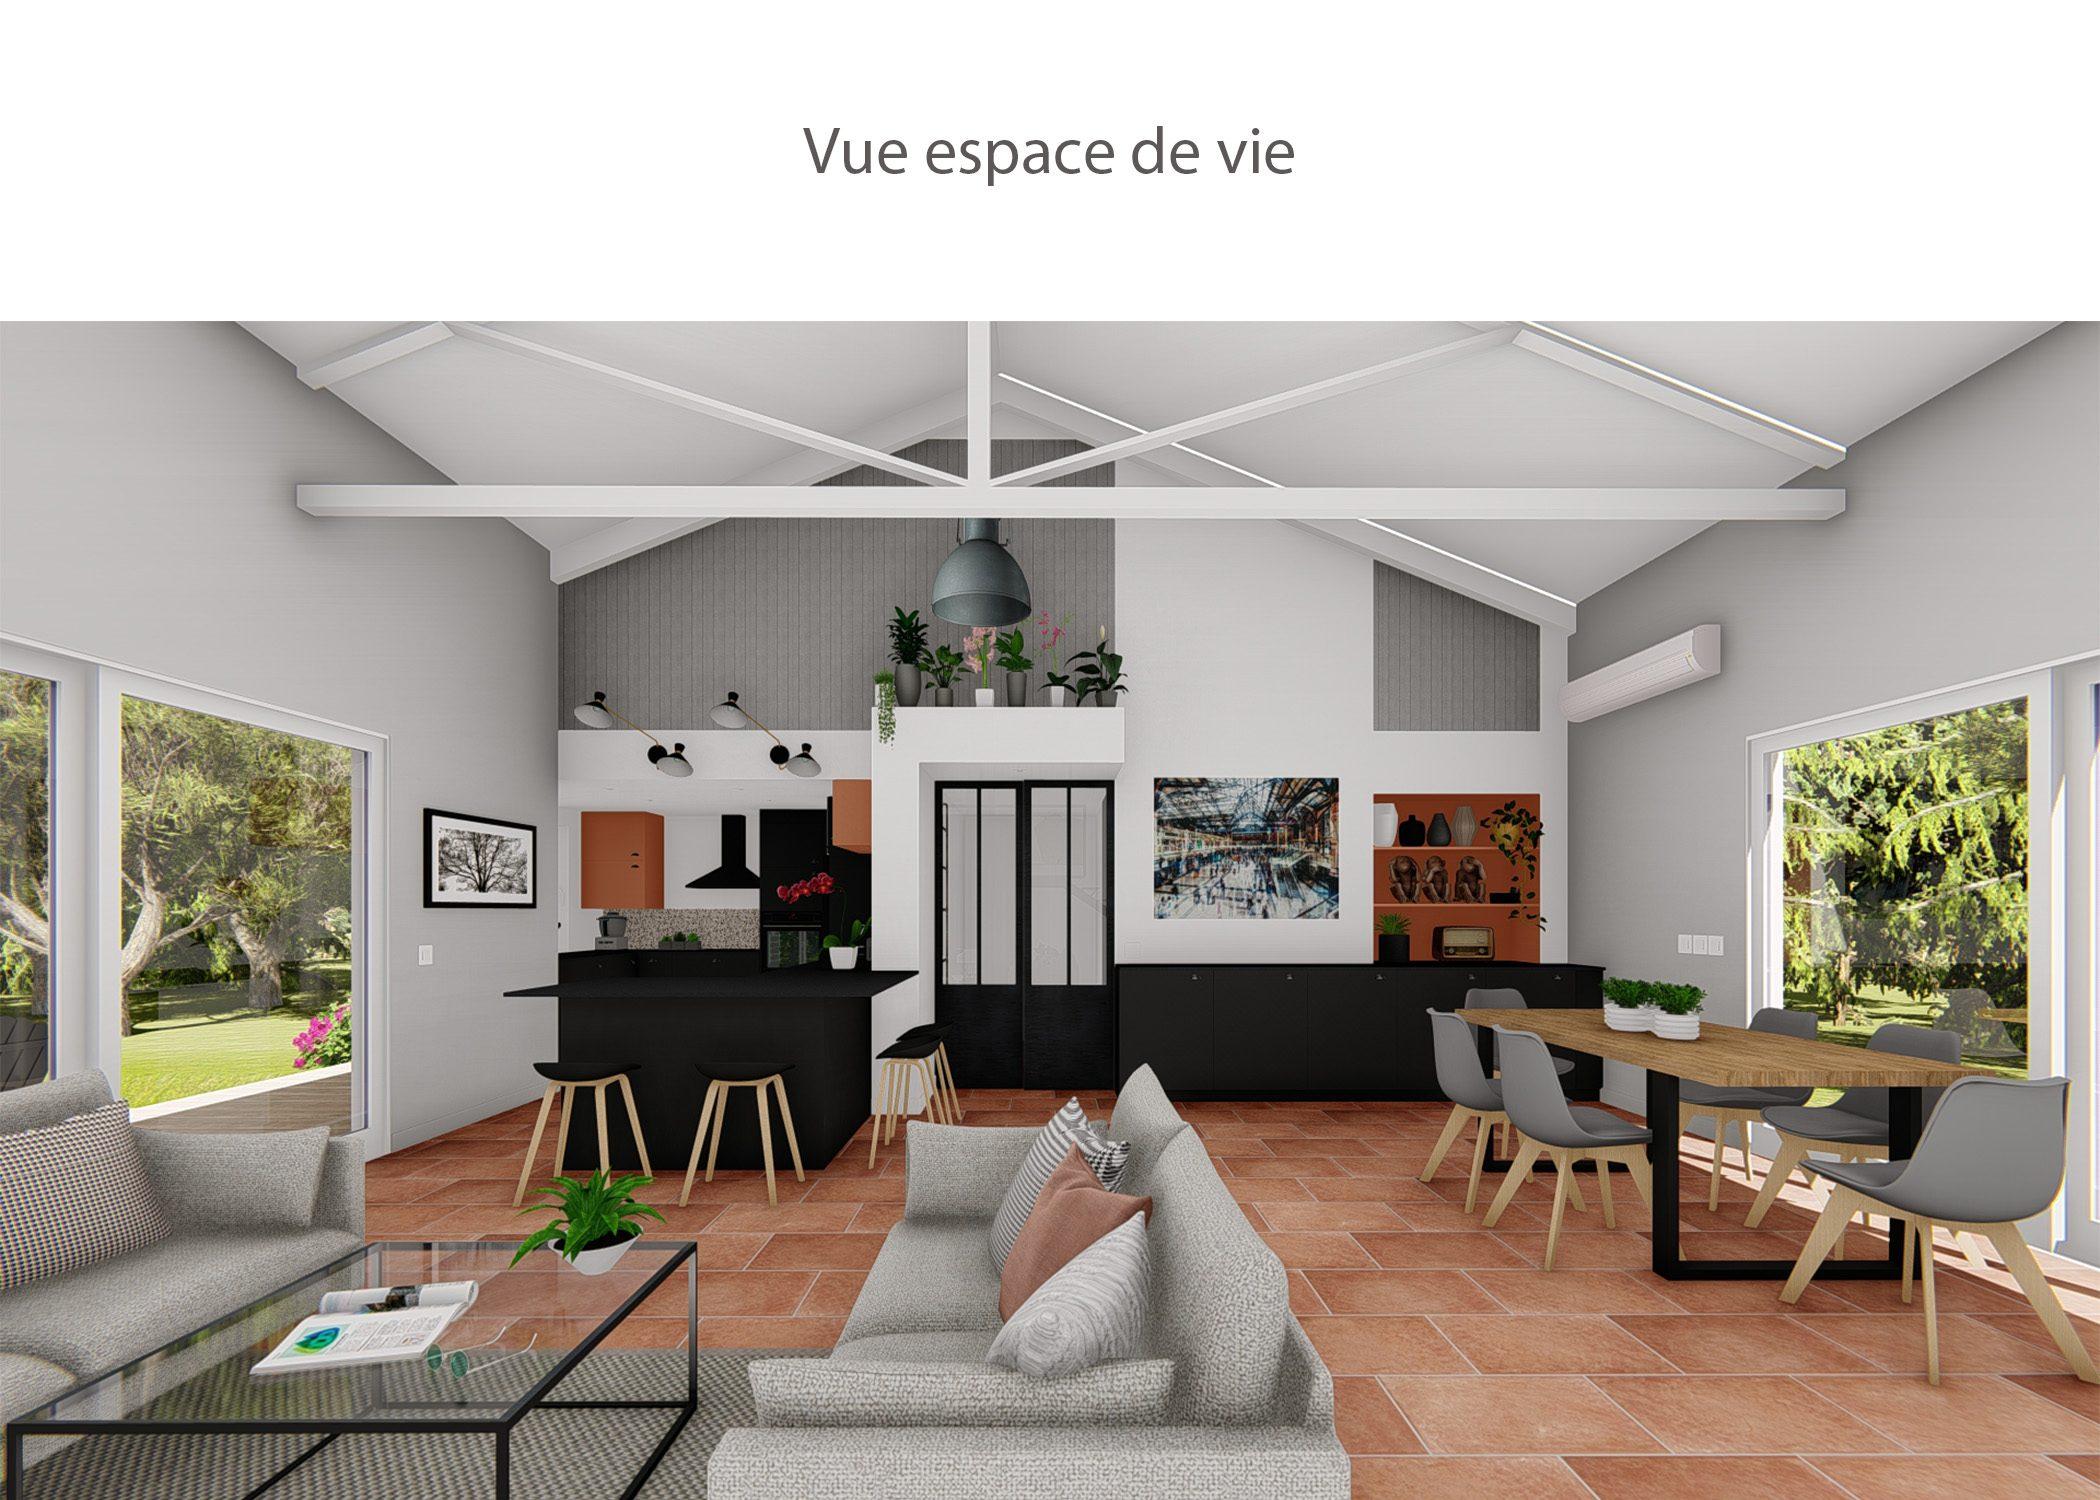 amenagement-decoration-cuisine fuveau-vue espace de vie-dekho design